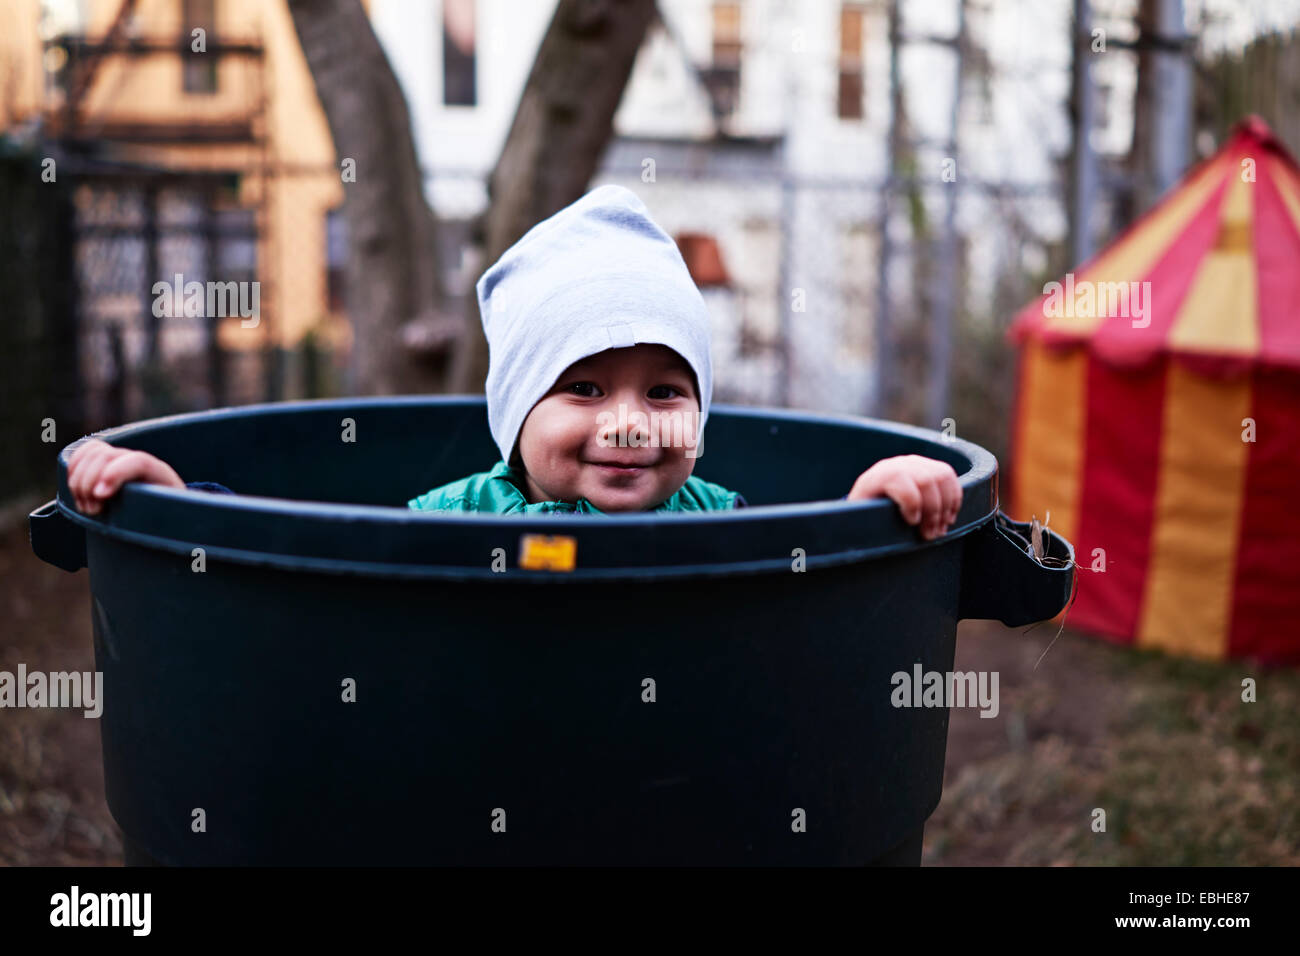 Boy inside tub, Brooklyn, New York, USA - Stock Image